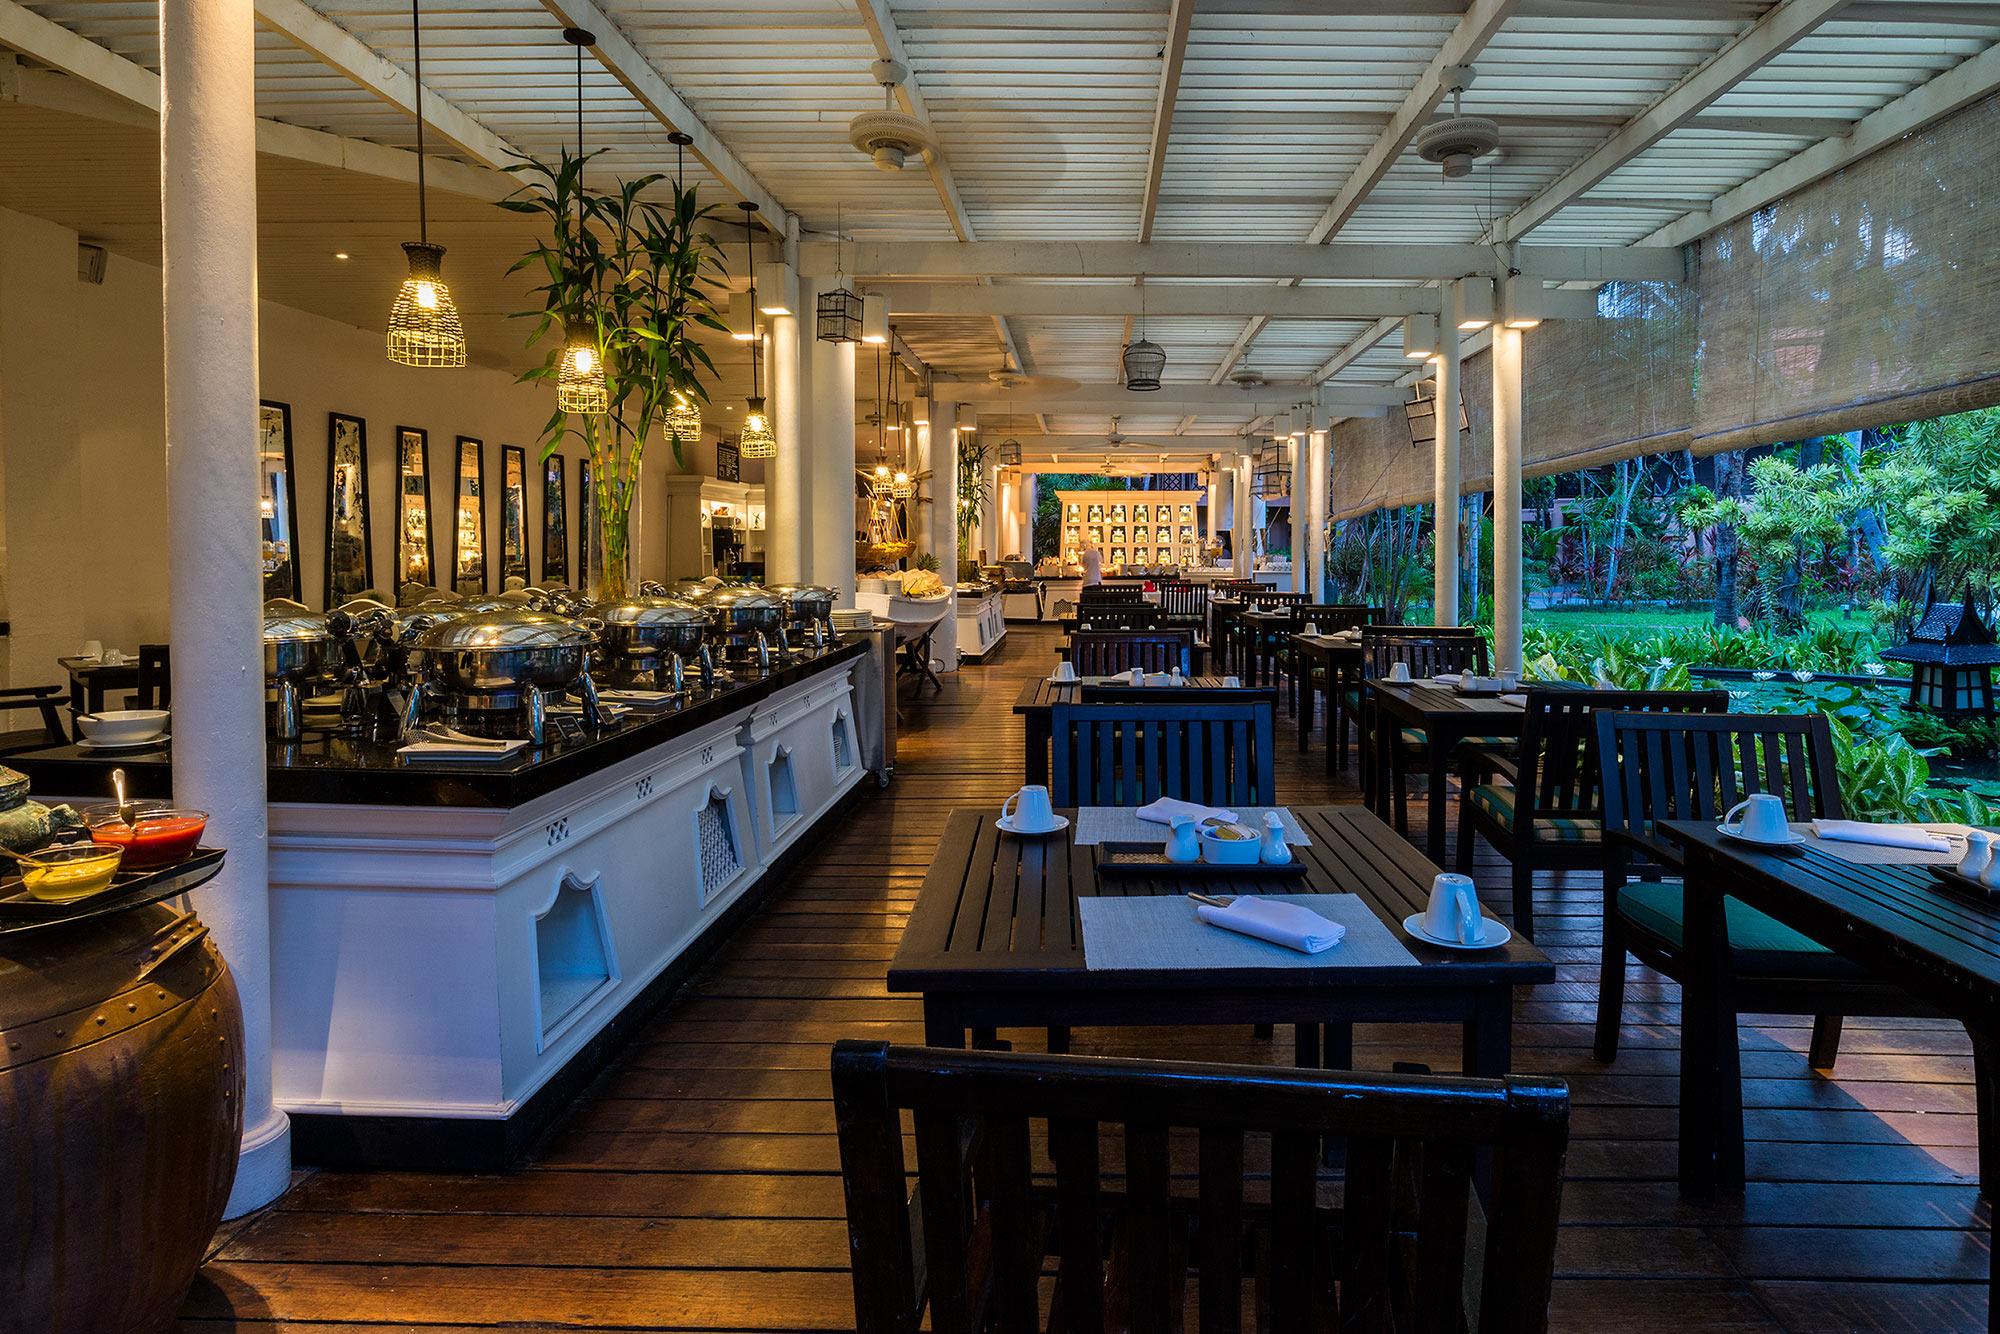 อนันตราหัวหิน รีสอร์ท (Anantara Hua Hin Resort) - รีวิวรีสอร์ท  อนันตราหัวหิน รีสอร์ท Anantara Hua Hin Resort IMG 2256